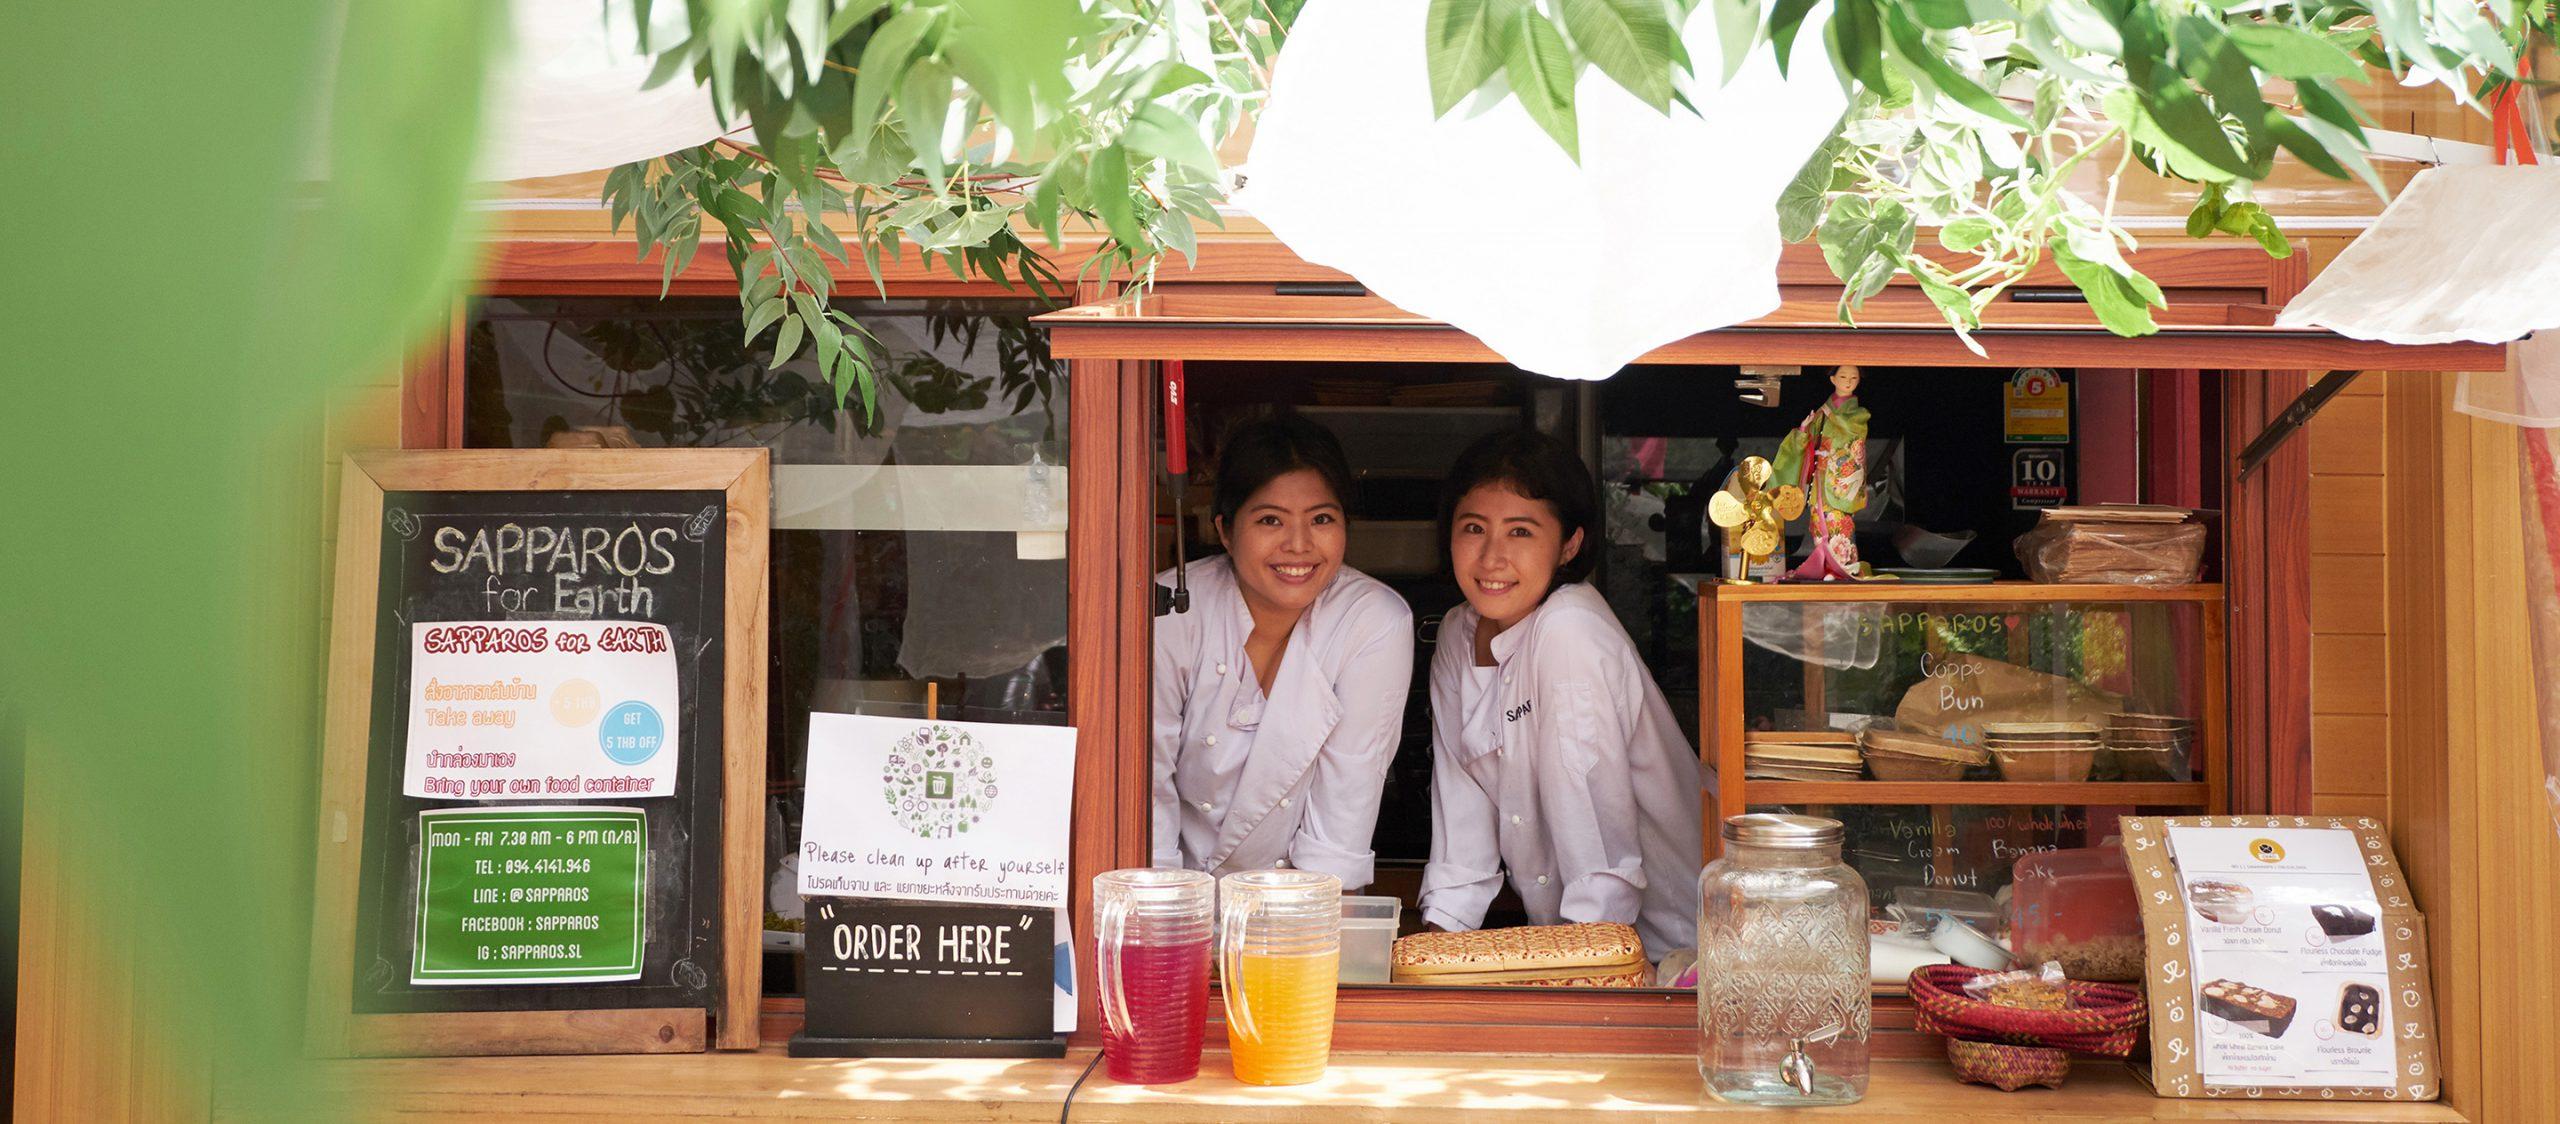 'สรรพรส' ร้านอาหารไทยออร์แกนิกที่ใช้ทักษะการปรุงไม่แพ้น้ำยาสรรพรสแต่ราคาไม่เกินร้อย